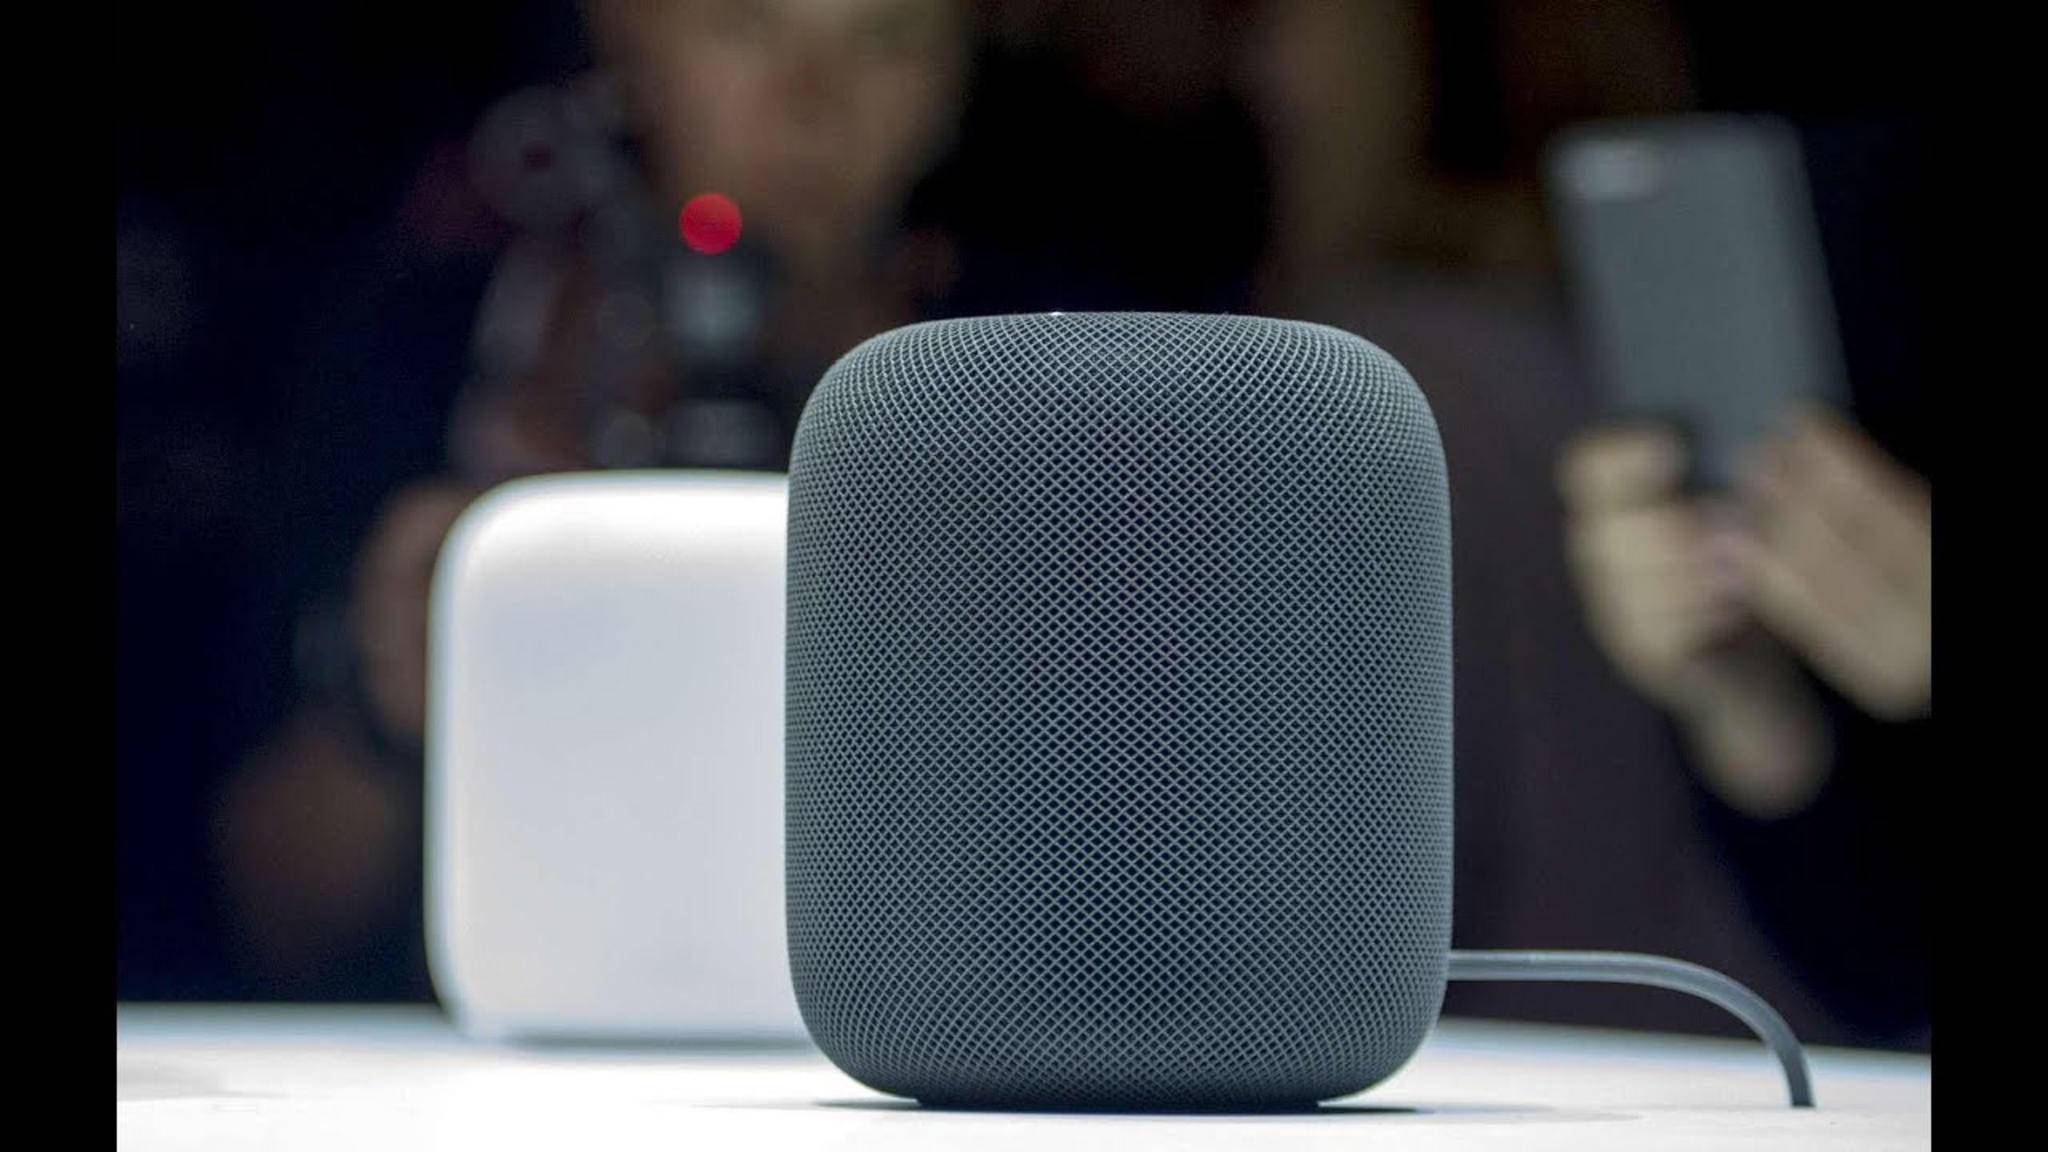 Schon in Kürze dürfte der Apple HomePod in den USA ausgeliefert werden.